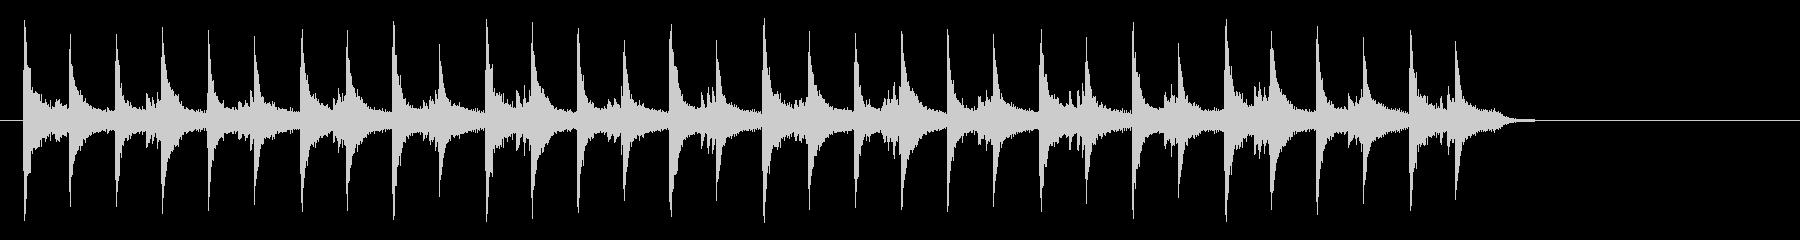 「アラート」踏切/警報/コミカル_000の未再生の波形